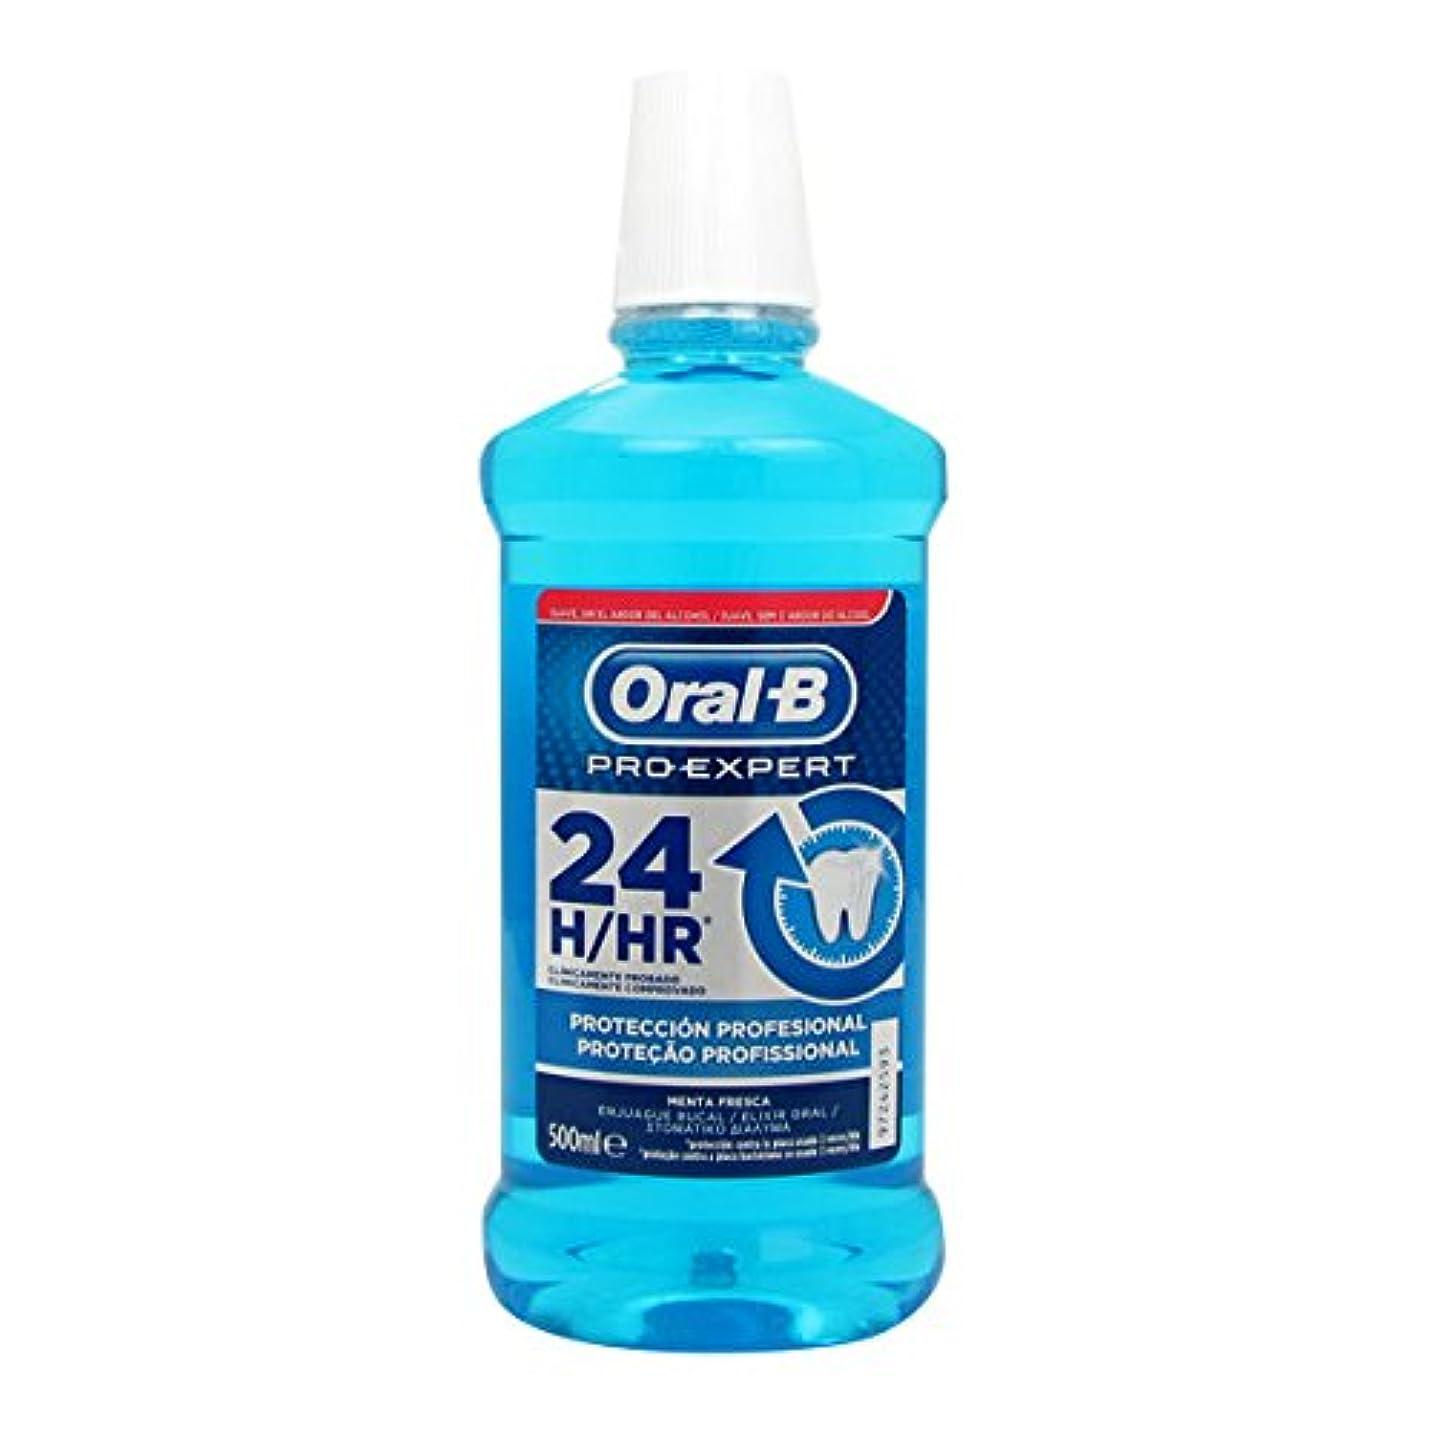 アンドリューハリディスチュワード劇場Oral B Pro Expert Elixir Professional Protection 500ml [並行輸入品]